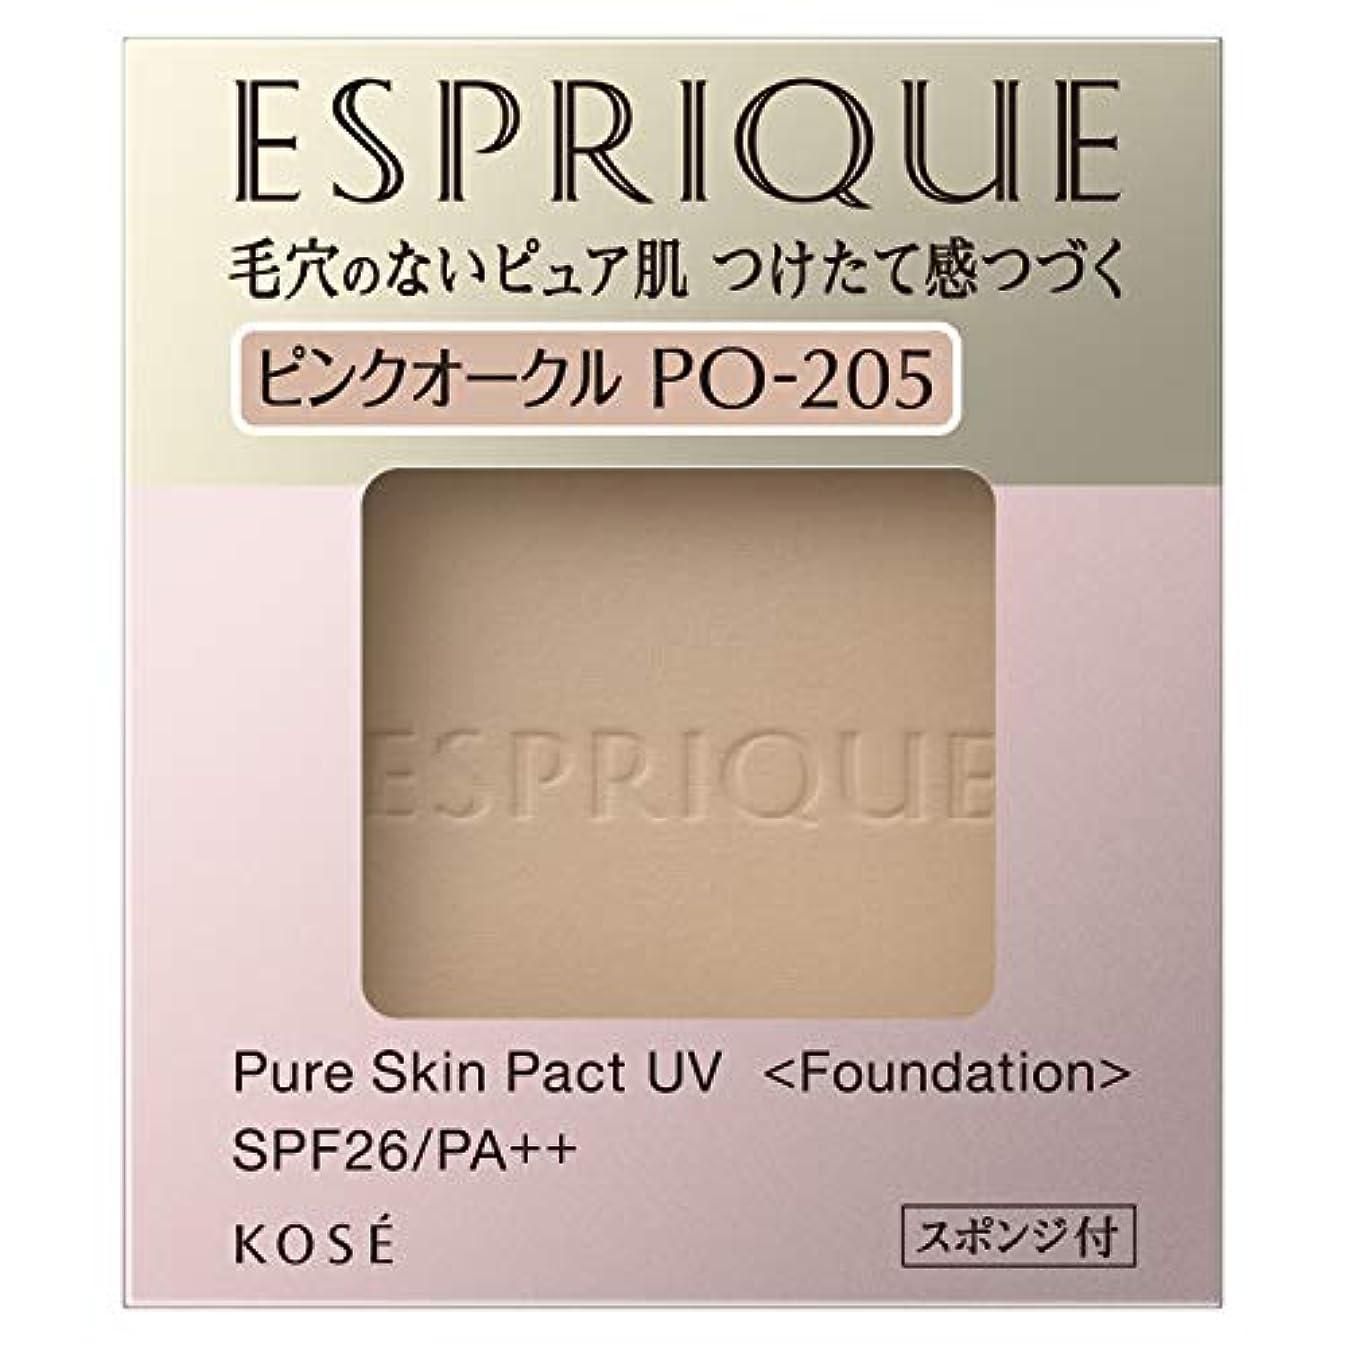 なぜならしょっぱい抹消エスプリーク ピュアスキン パクト UV PO-205 ピンクオークル 9.3g